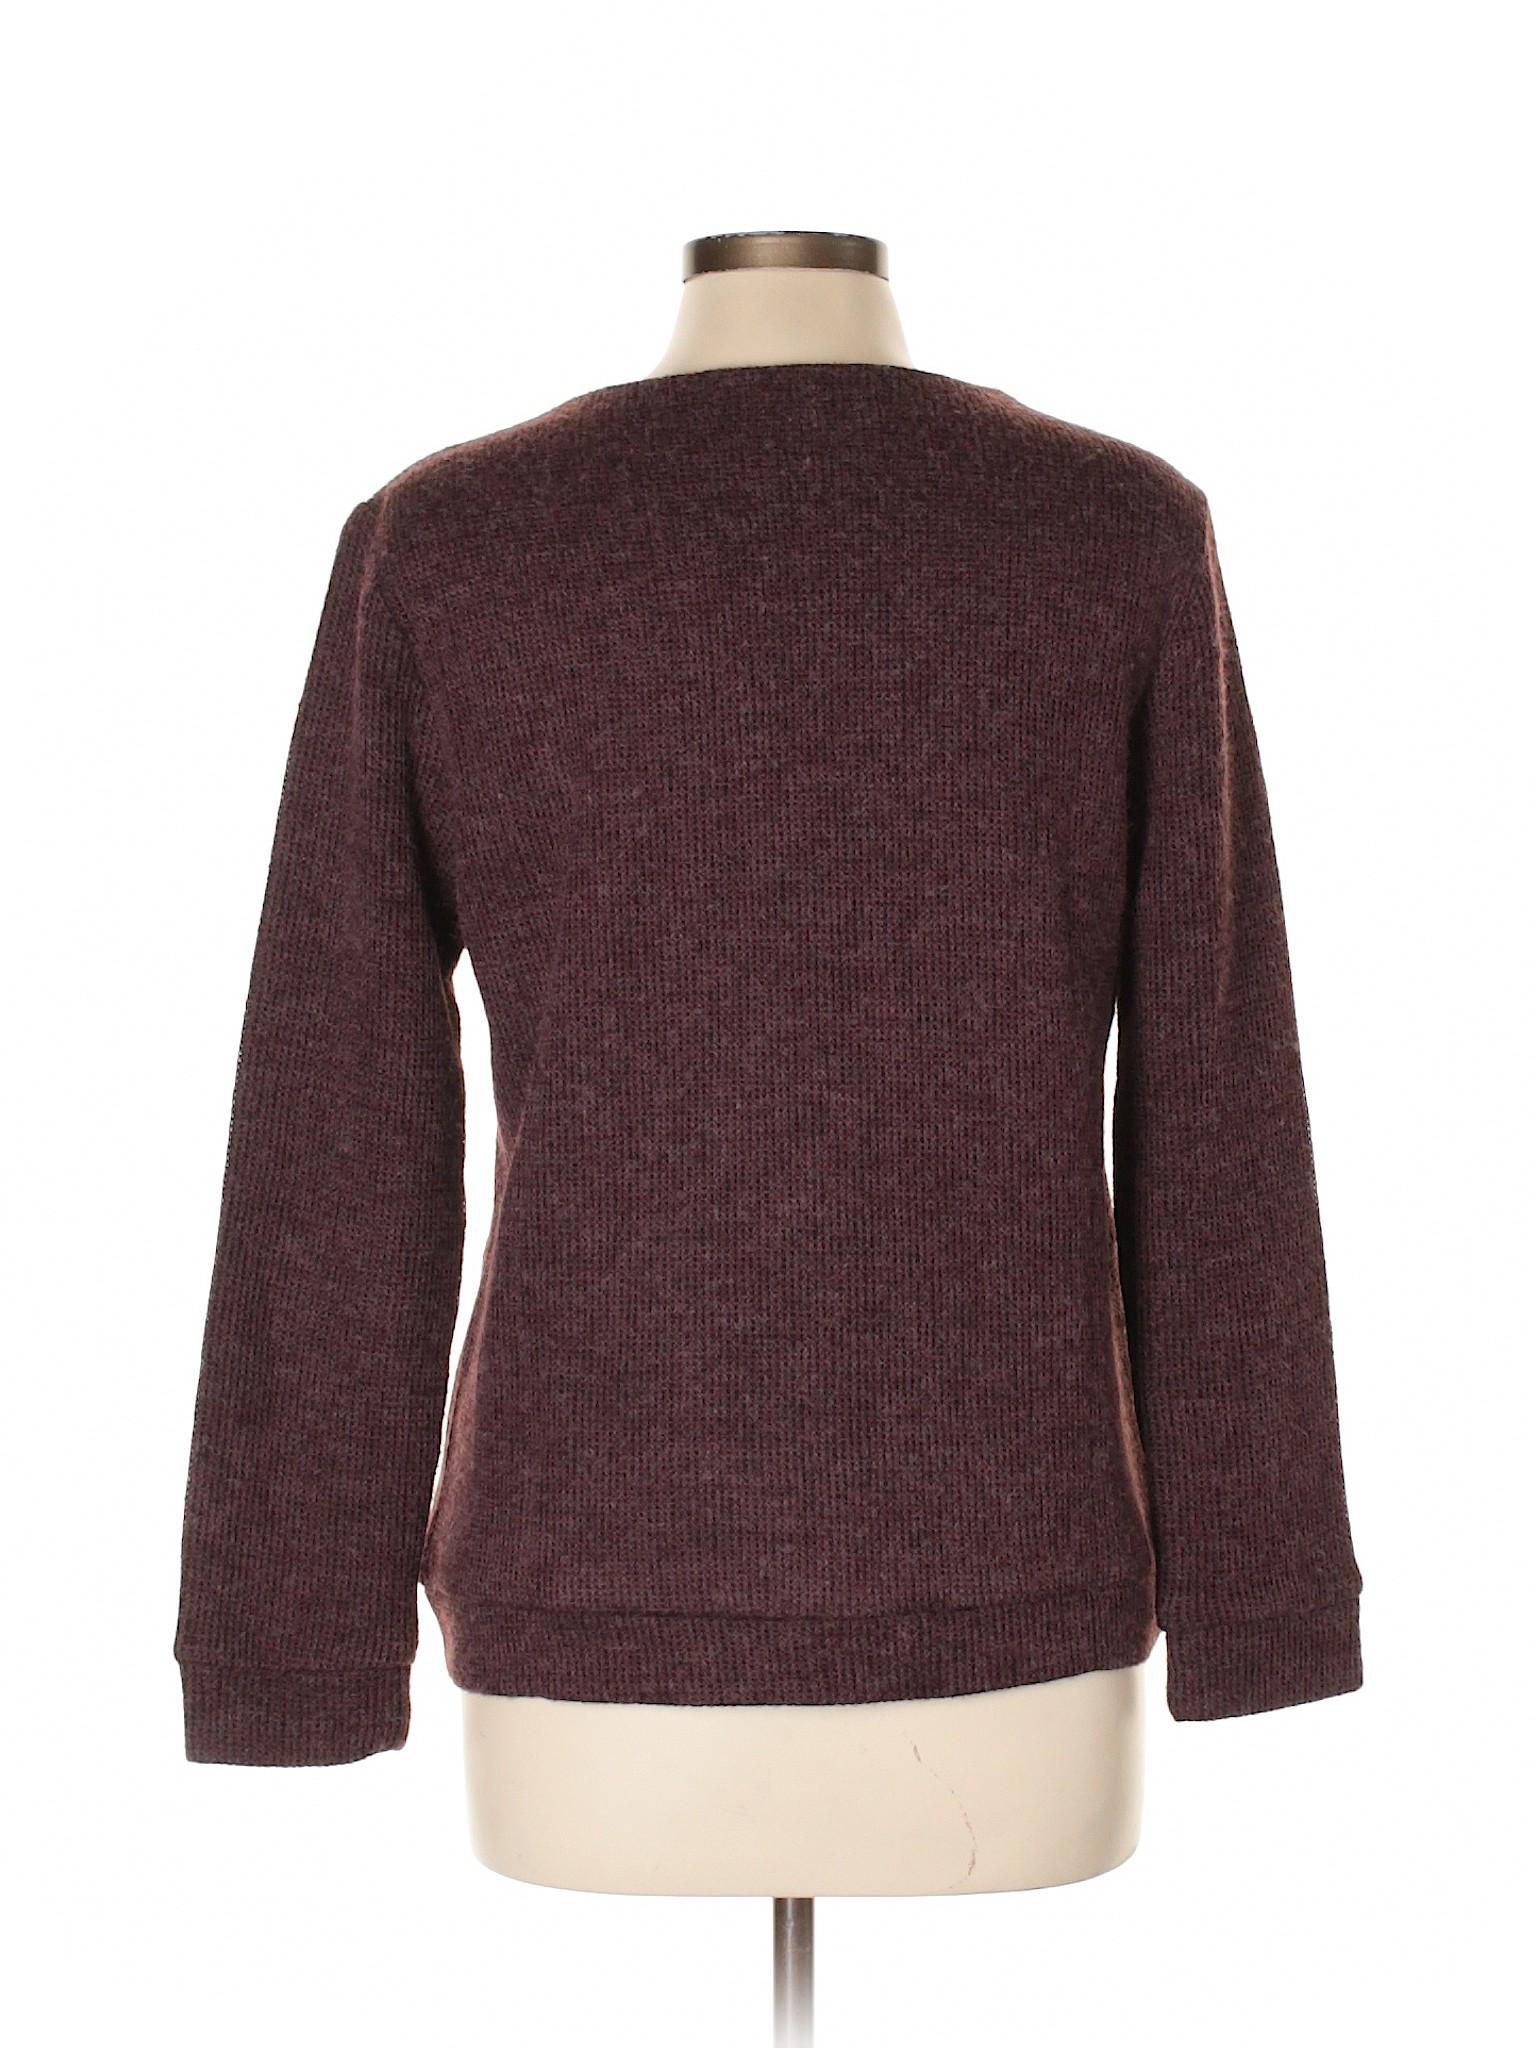 Boutique winter Sweater Oak Ash Pullover Rain qHSAw1